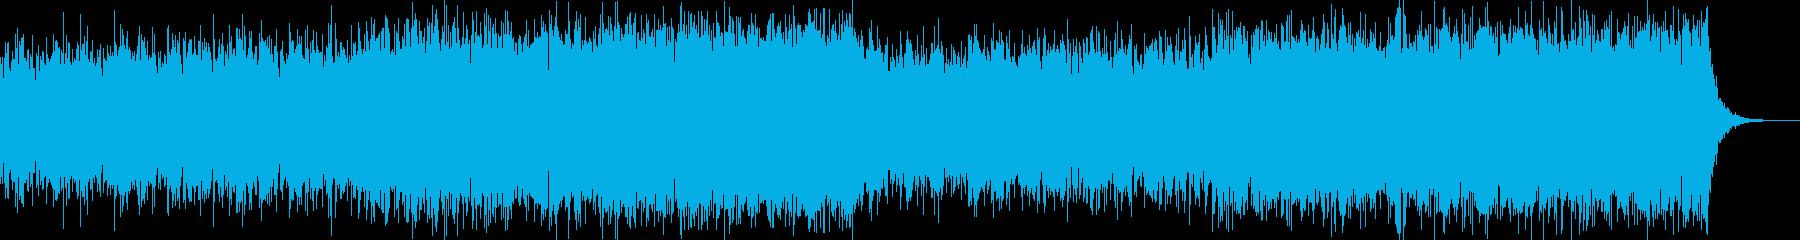 無機質/クール/近未来/テクスチャ/映像の再生済みの波形